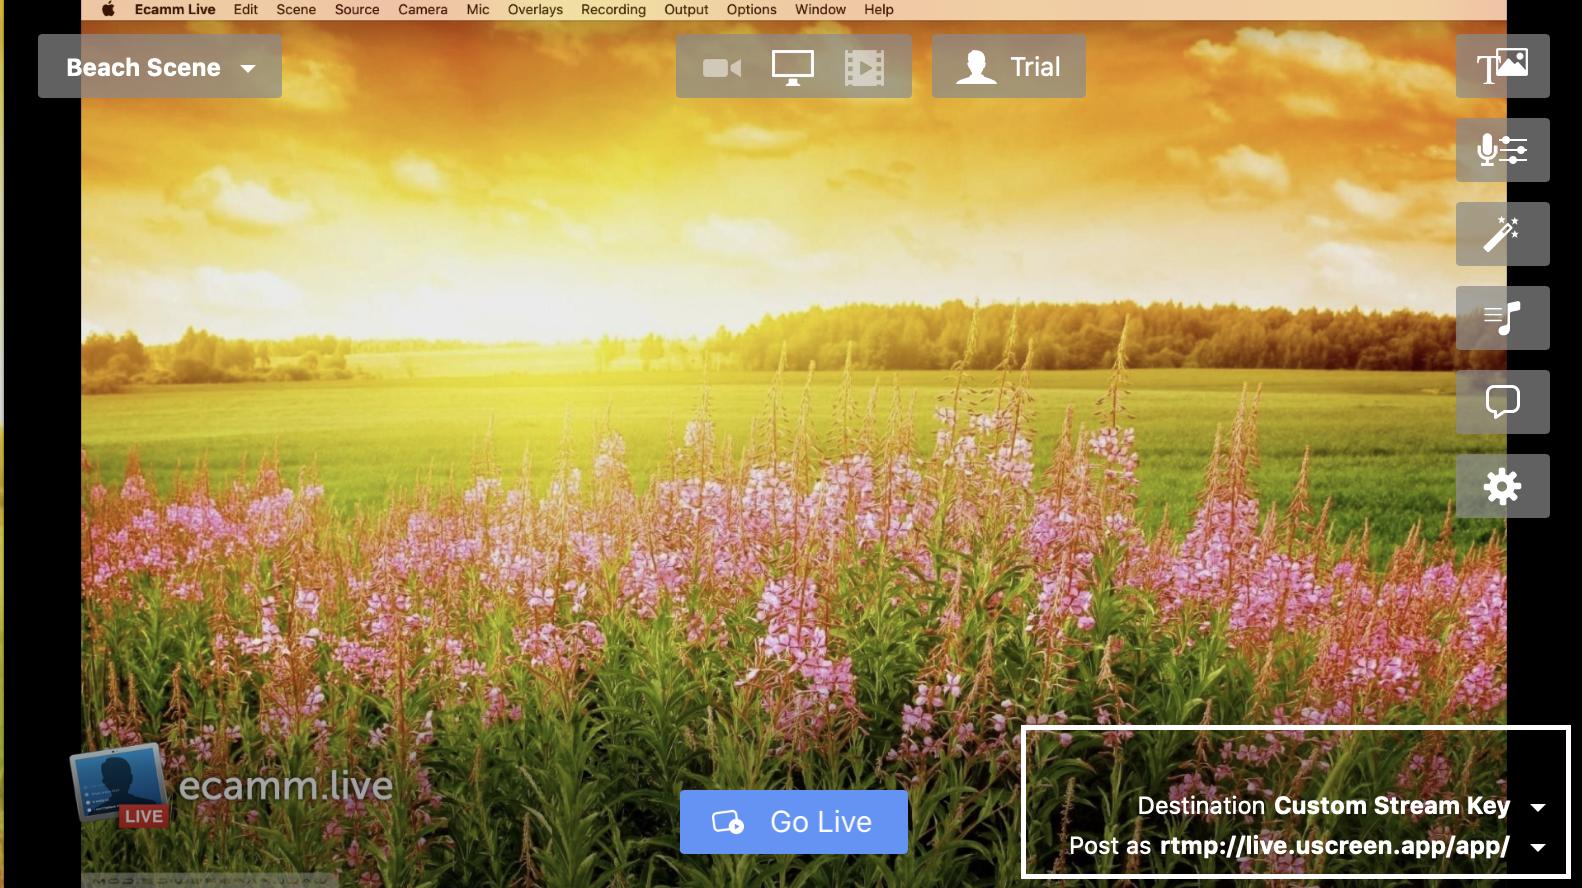 Screen_Shot_2020-05-11_at_2.45.19_PM.png